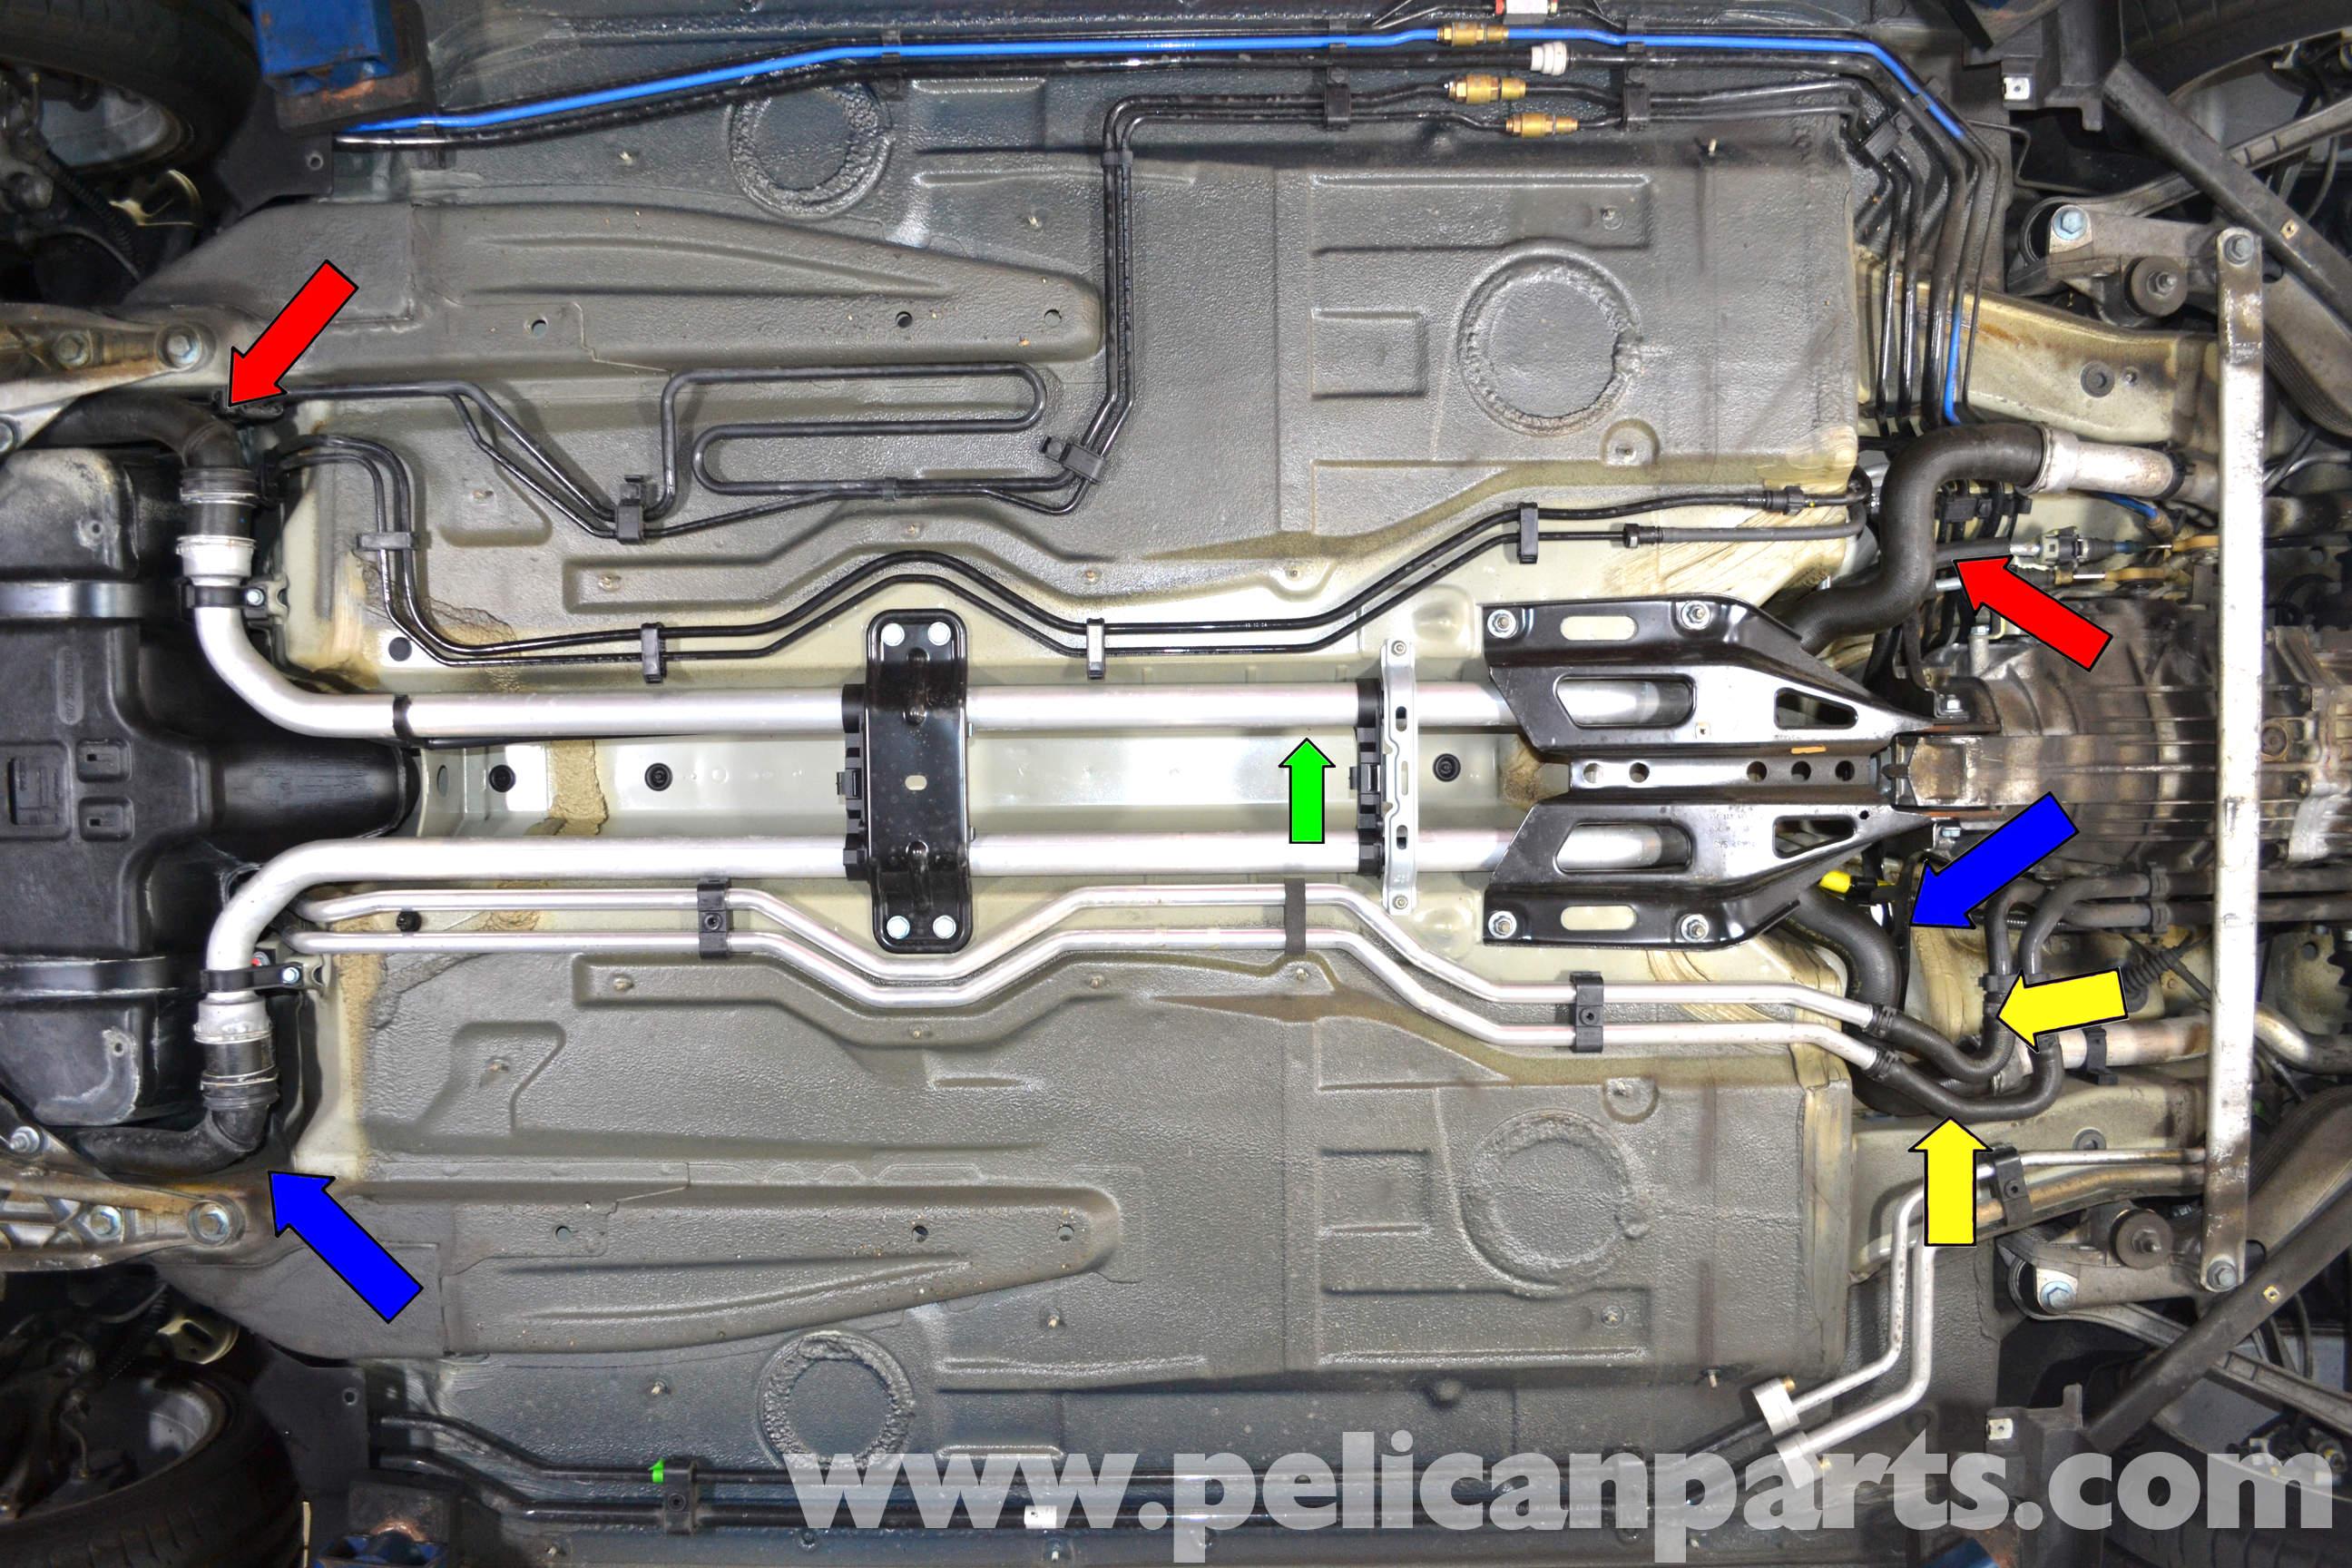 Porsche 911 Carrera Coolant Hose Replacement 996 1998 2005 997 2005 2012 Pelican Parts